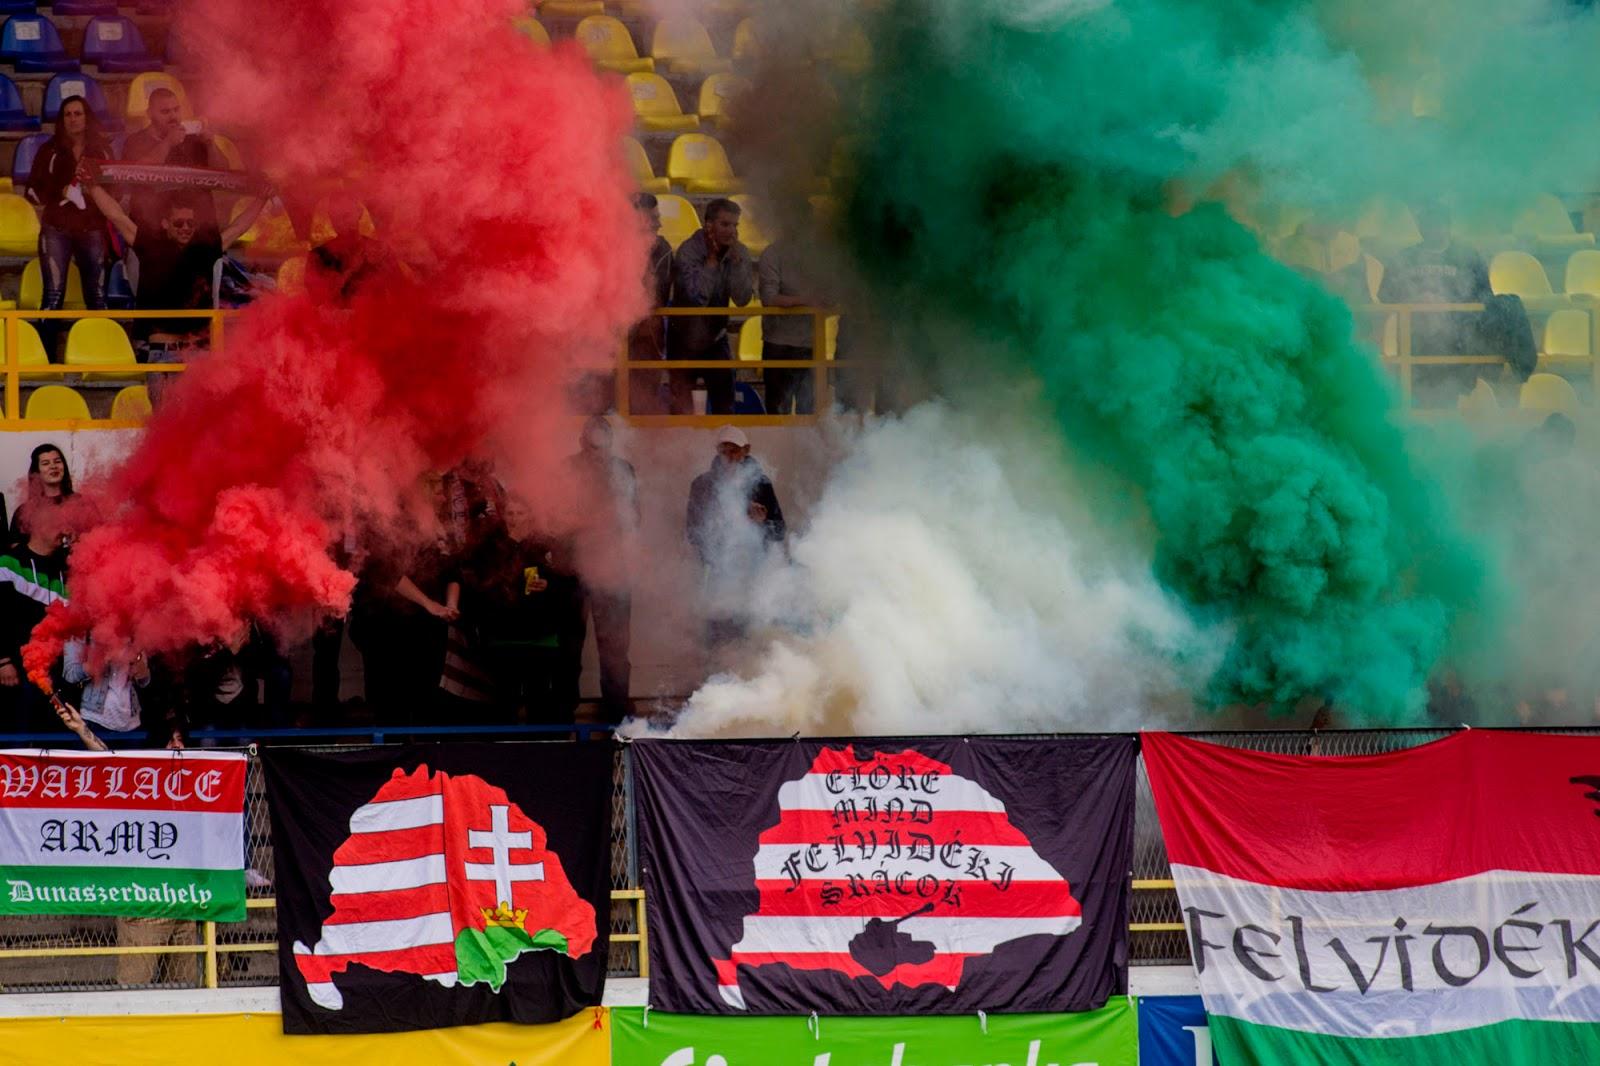 Maďarský šovinizmus na dunajskostredskom štadióne. (Foto: archív)